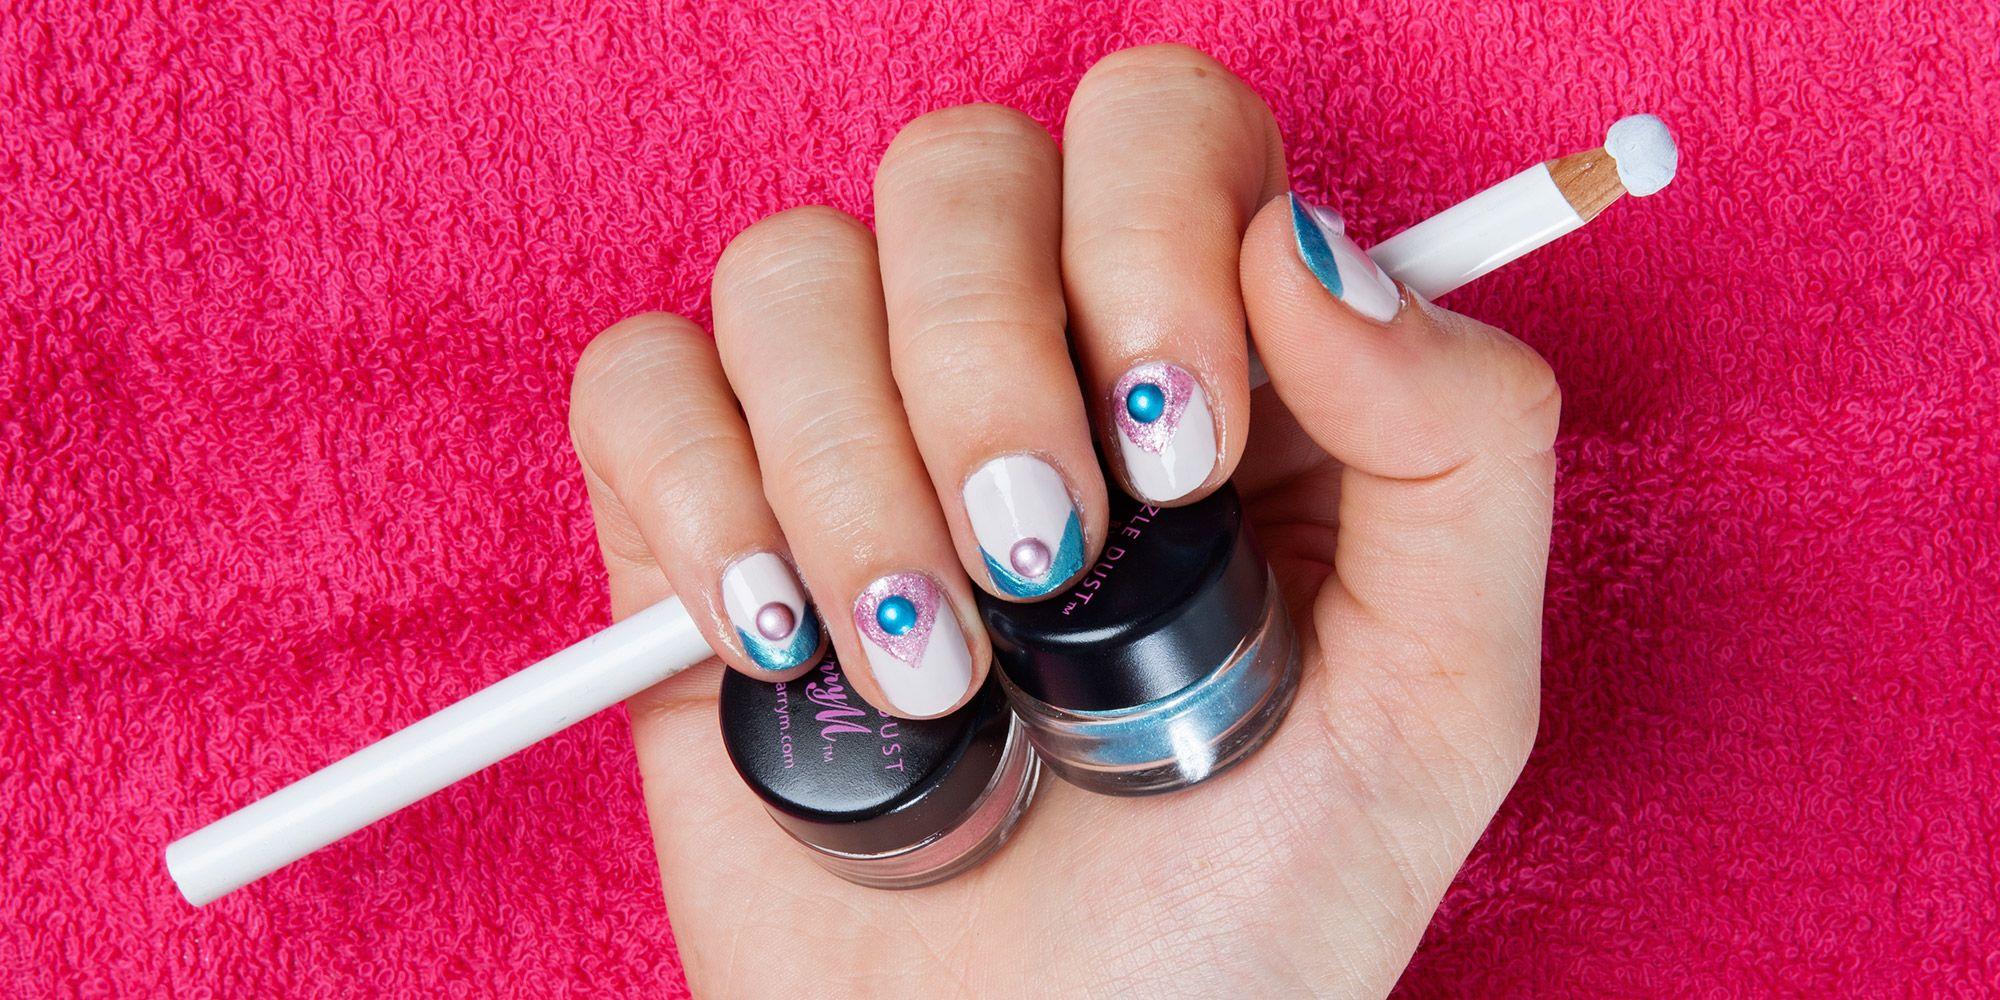 Nail art ideas and easy nail designs diy nail art how to make nail tints using eye shadows picture step prinsesfo Choice Image